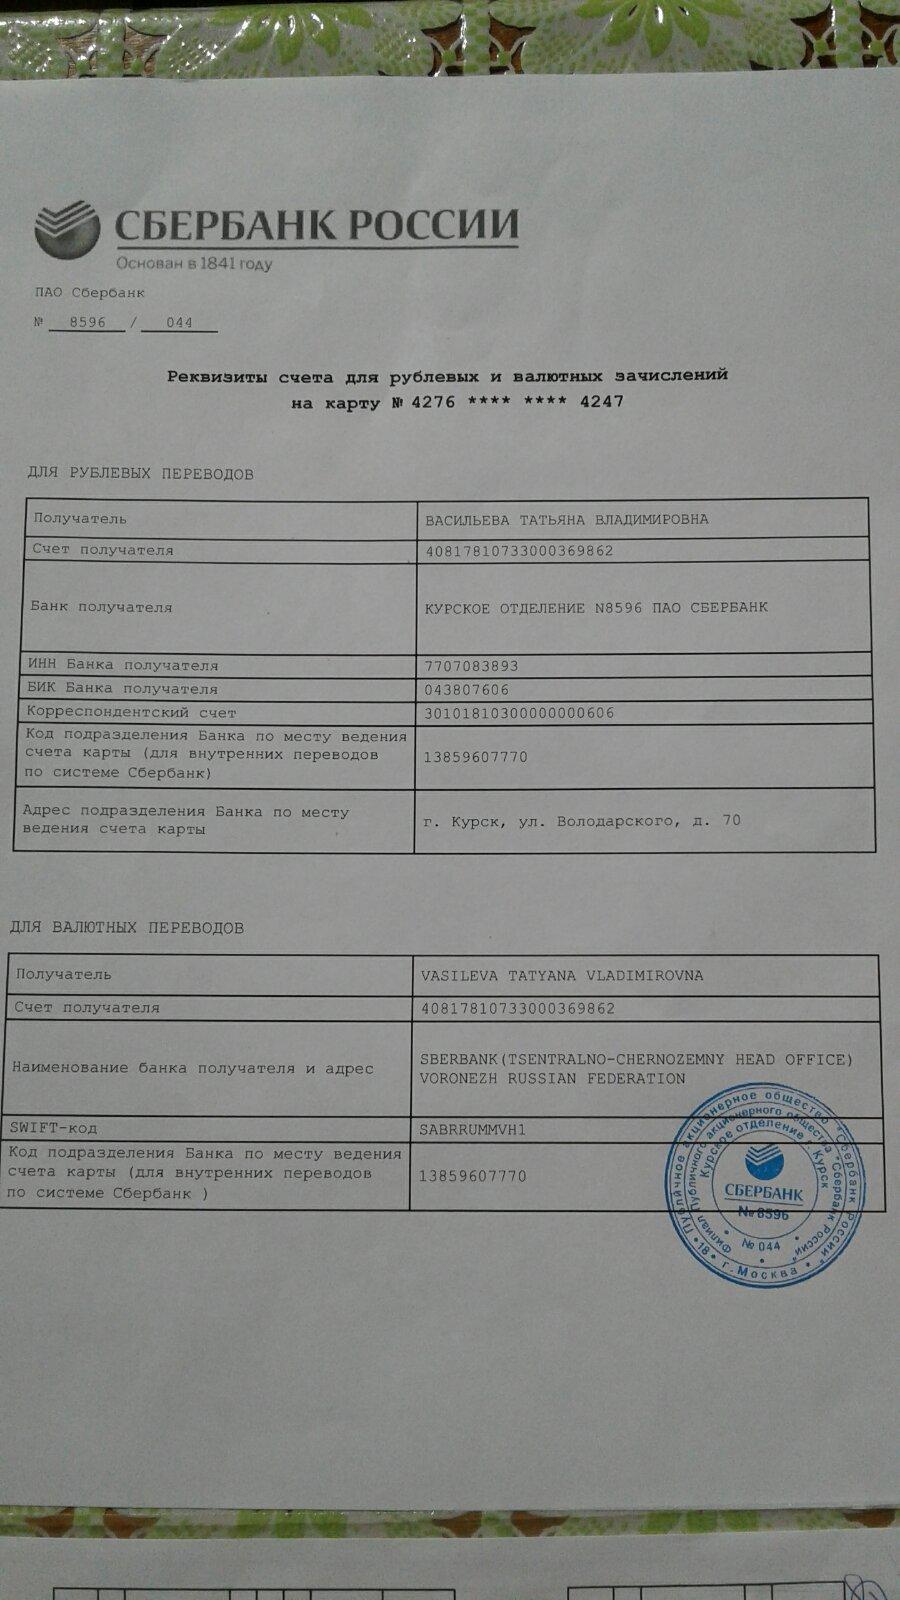 В Курске пенсионерка из-за пожара осталась без дома, вещей и документов